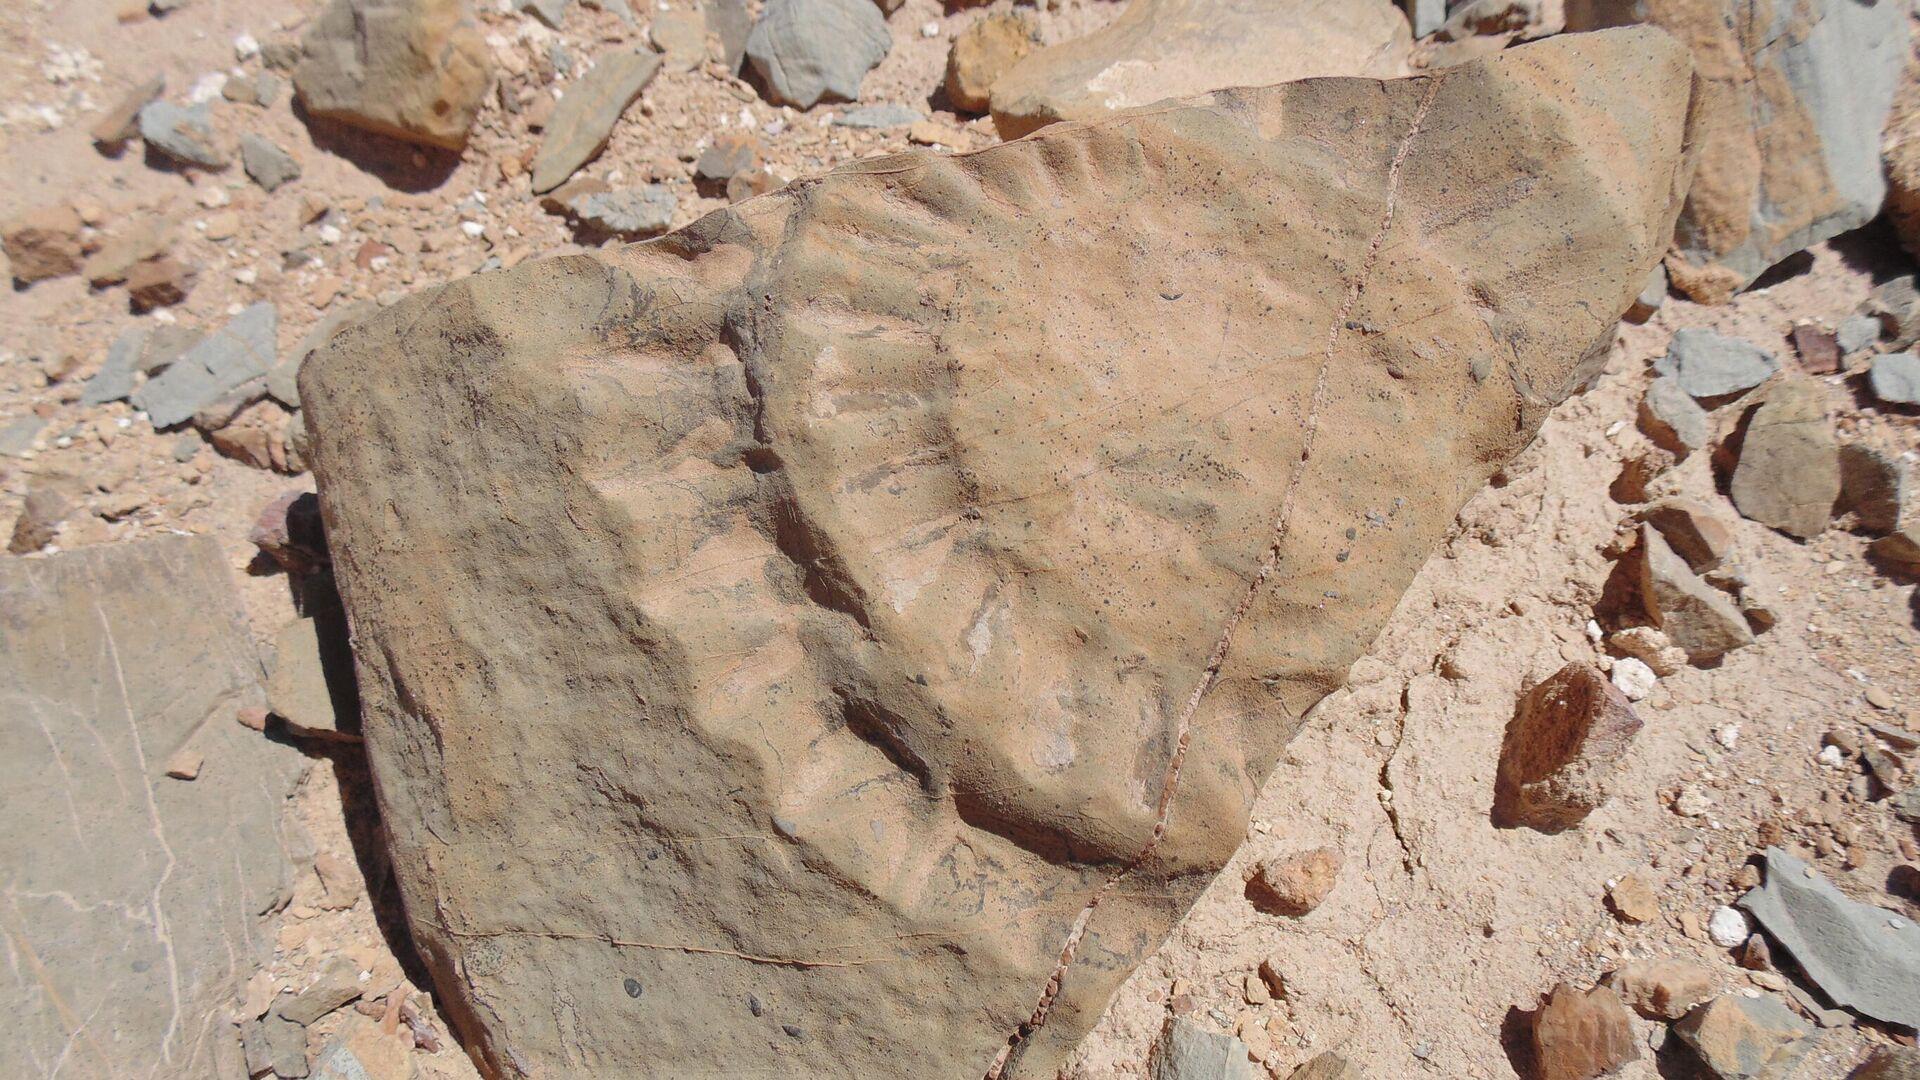 Los restos del pterosaurio hallado en Chile - Sputnik Mundo, 1920, 11.09.2021